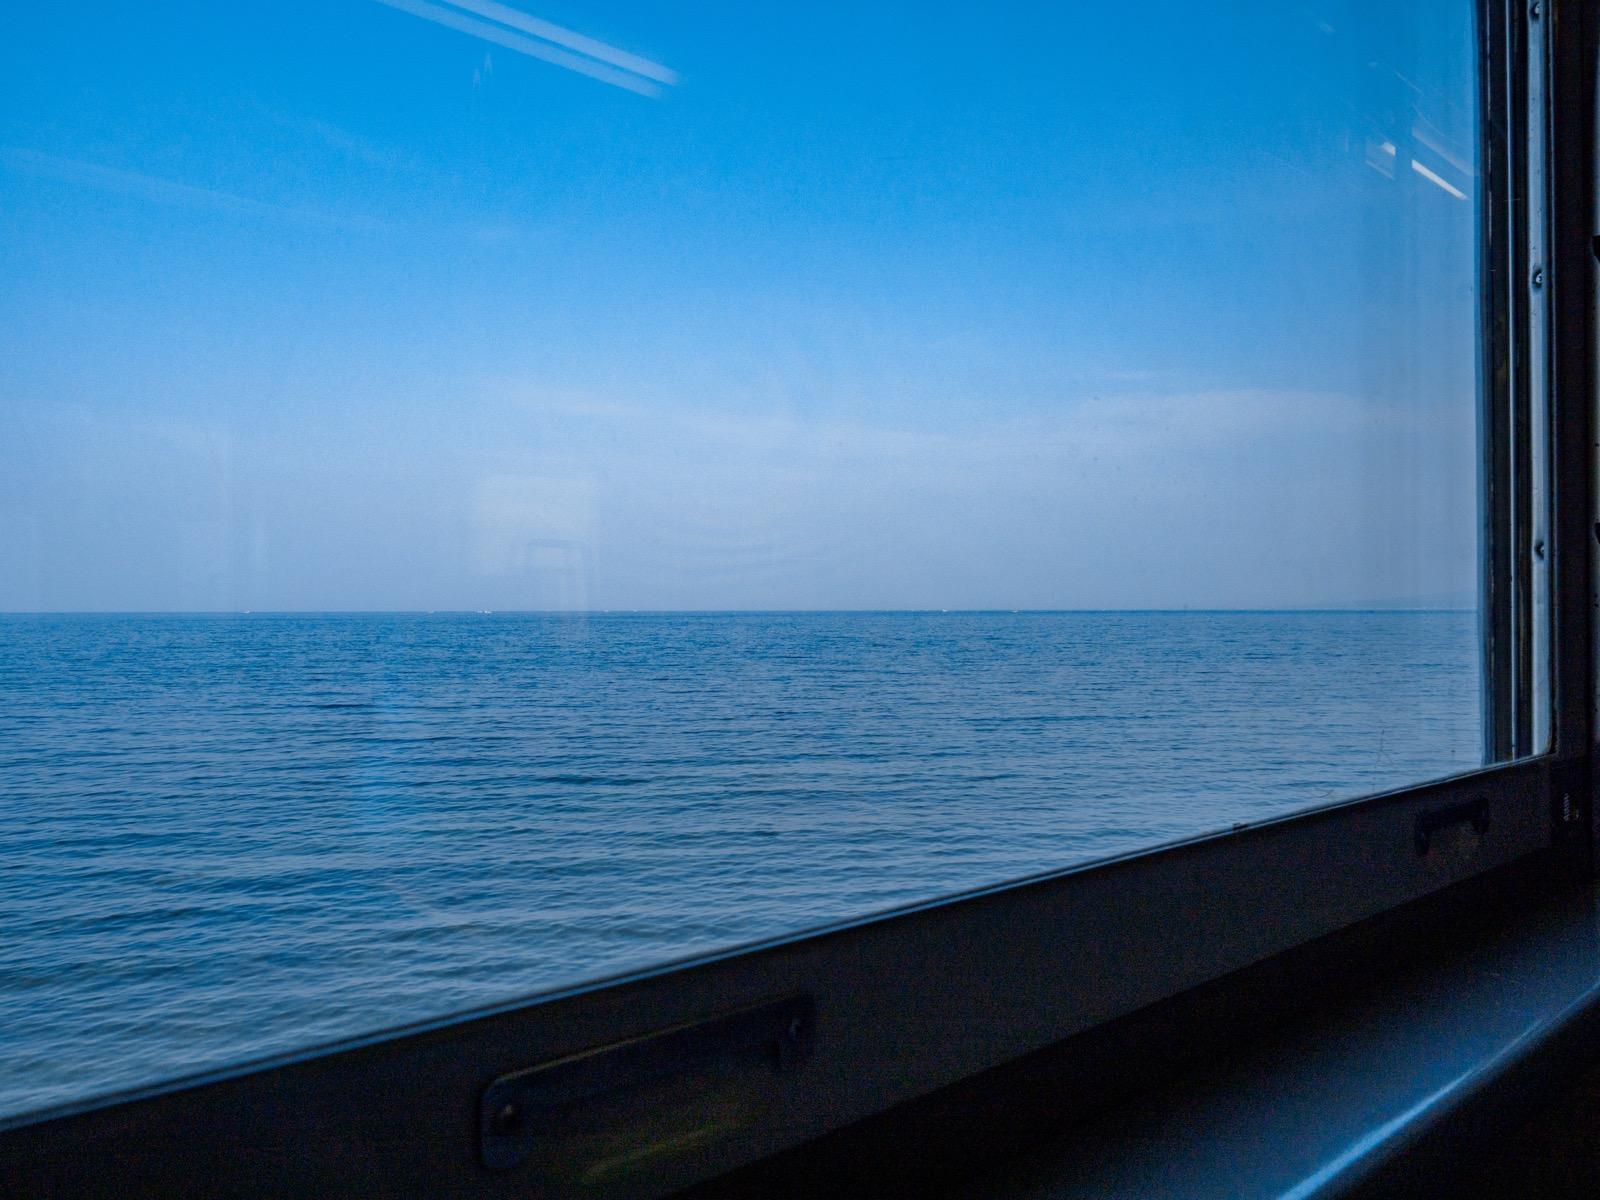 函館本線の車窓に広がる噴火湾(内浦湾)